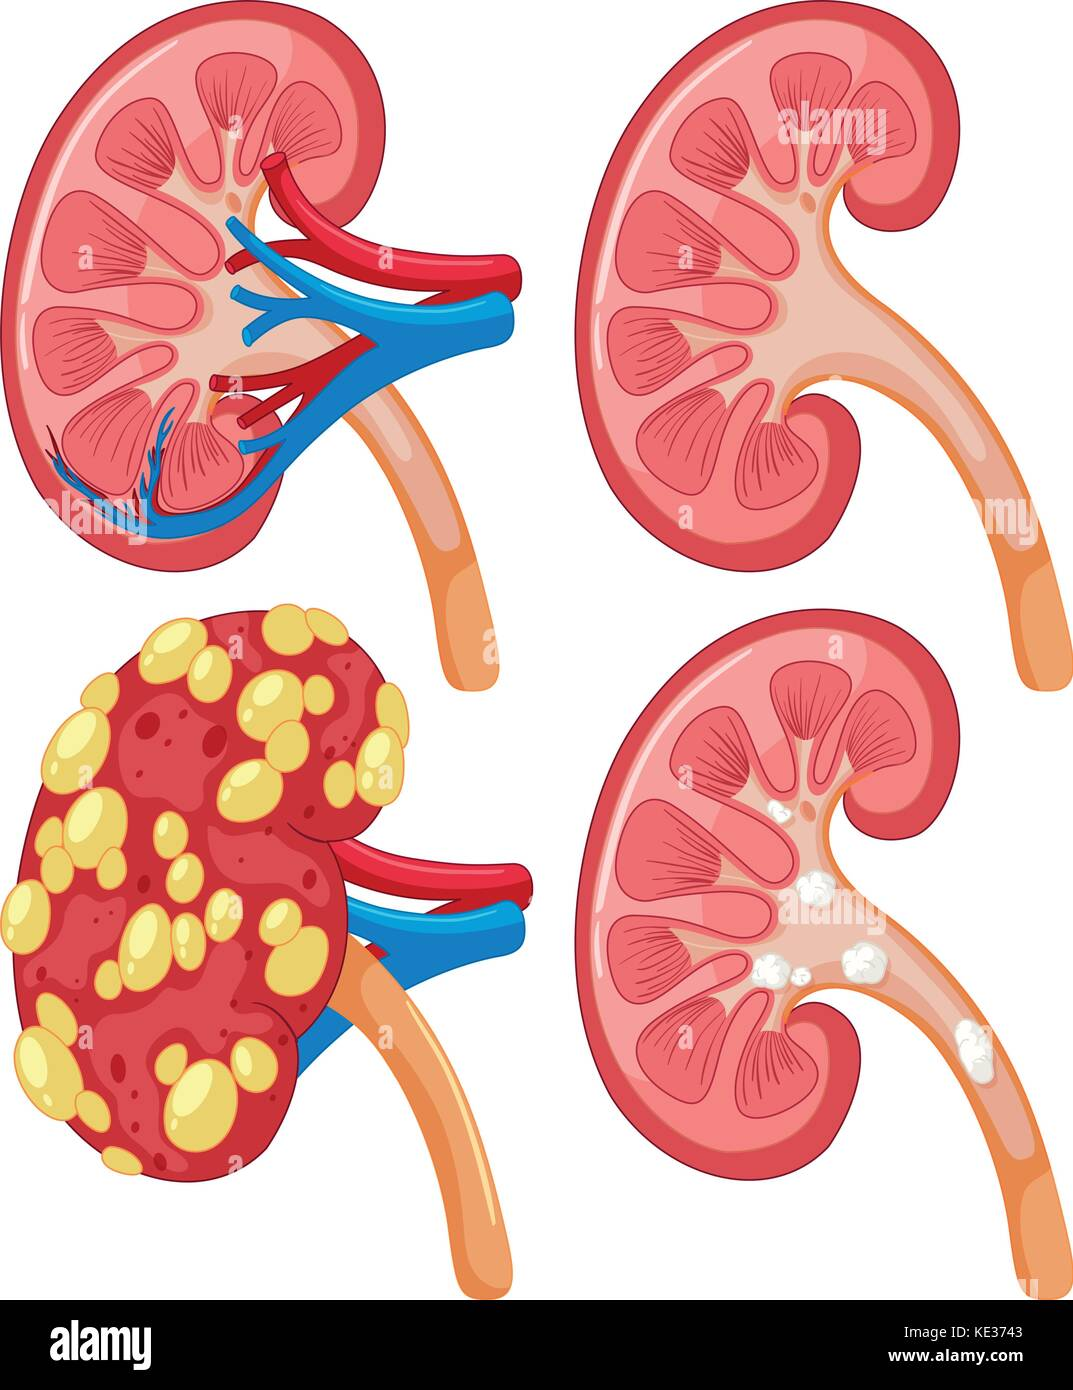 Diagrama de ilustración con enfermedad renal Ilustración del Vector ...